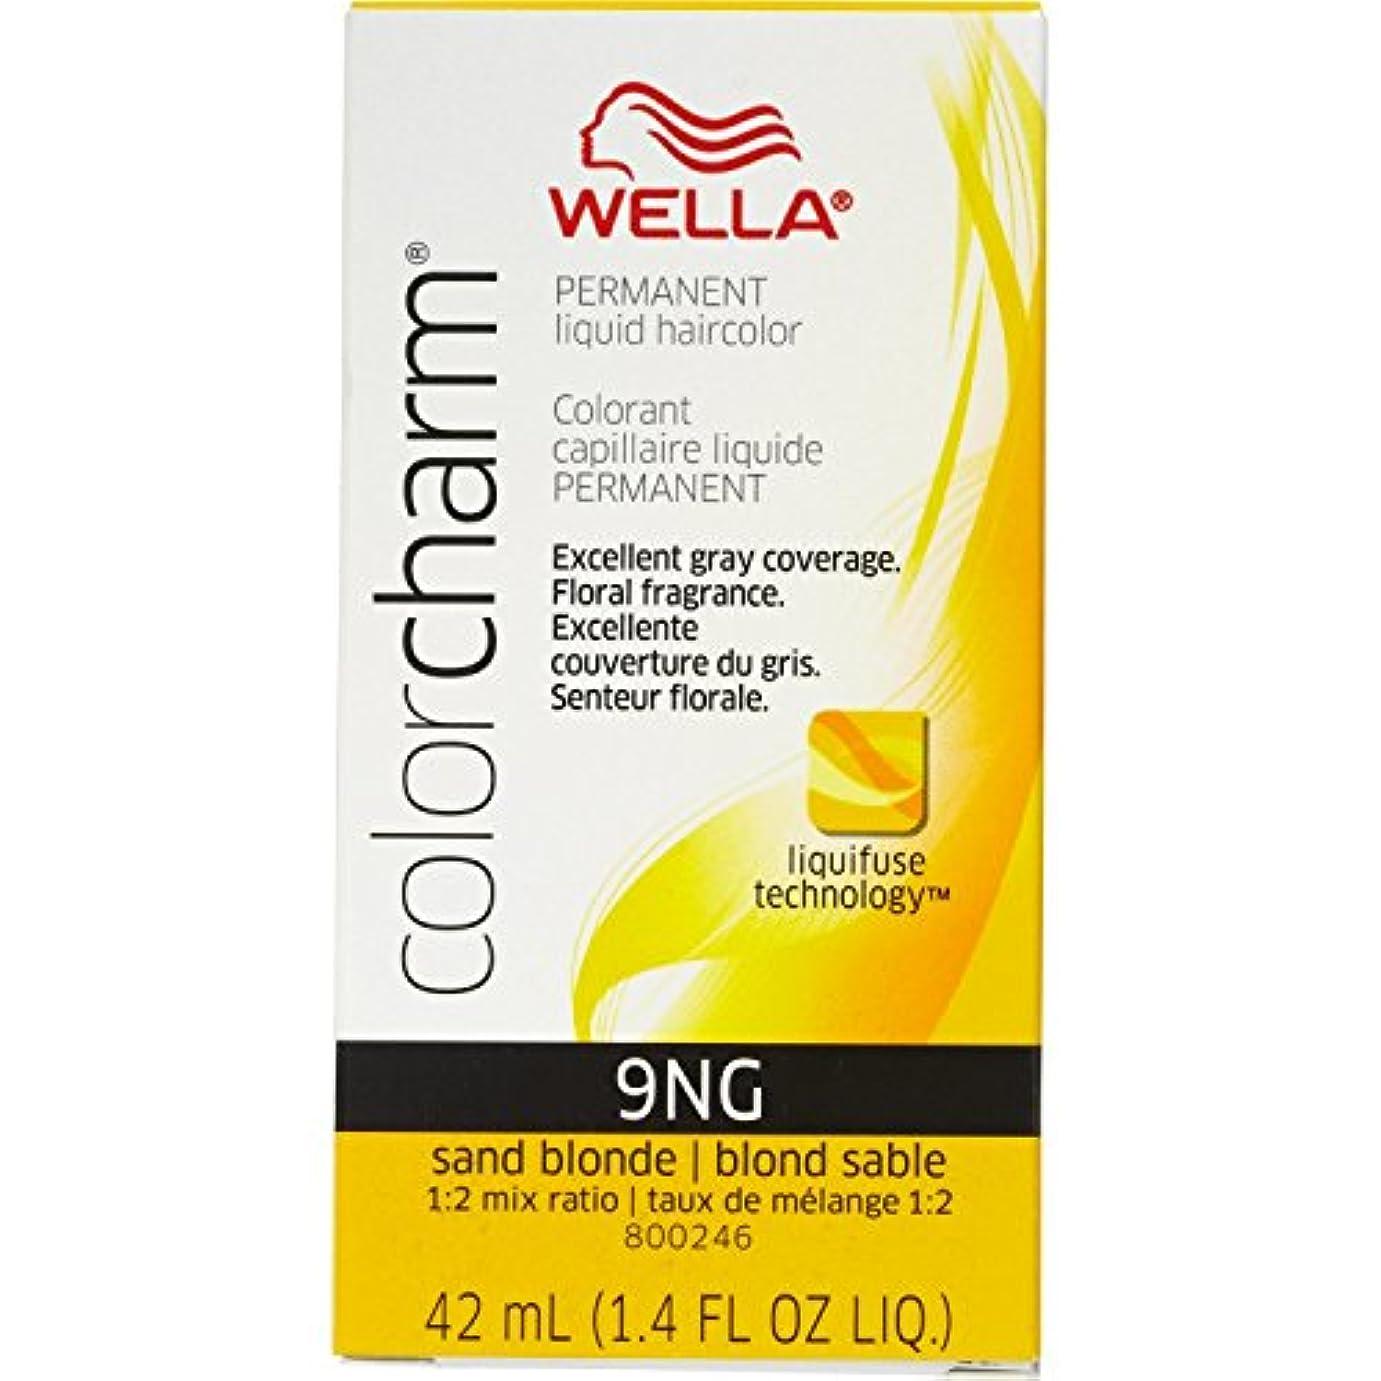 歪めるグラディス竜巻Wella 砂のブロンド色のチャーム液体パーマネントヘアカラー